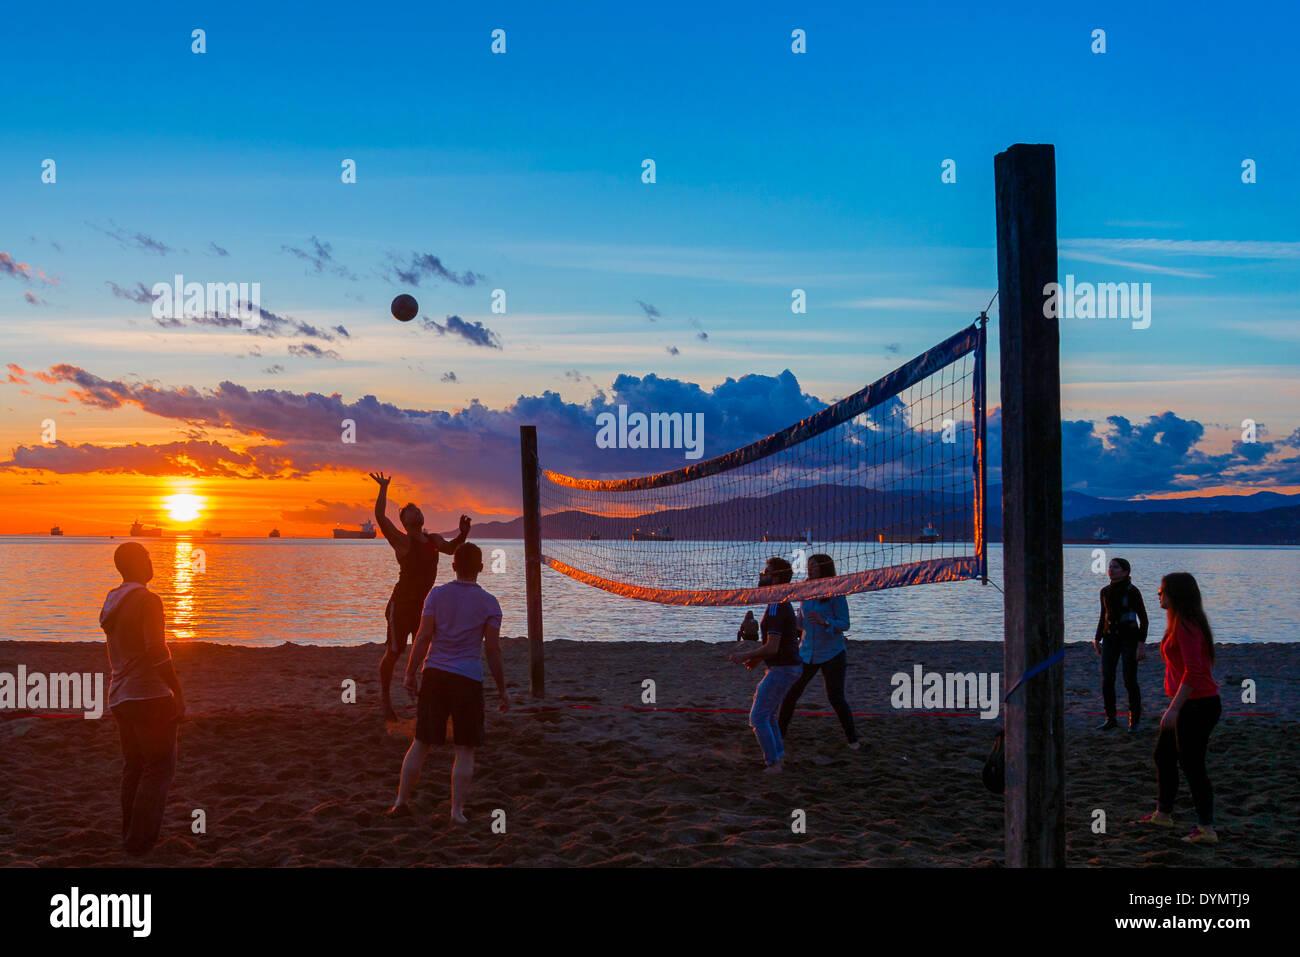 Una partita di beach volley in spiaggia al tramonto, English Bay Beach, Vancouver, British Columbia, Canada Immagini Stock